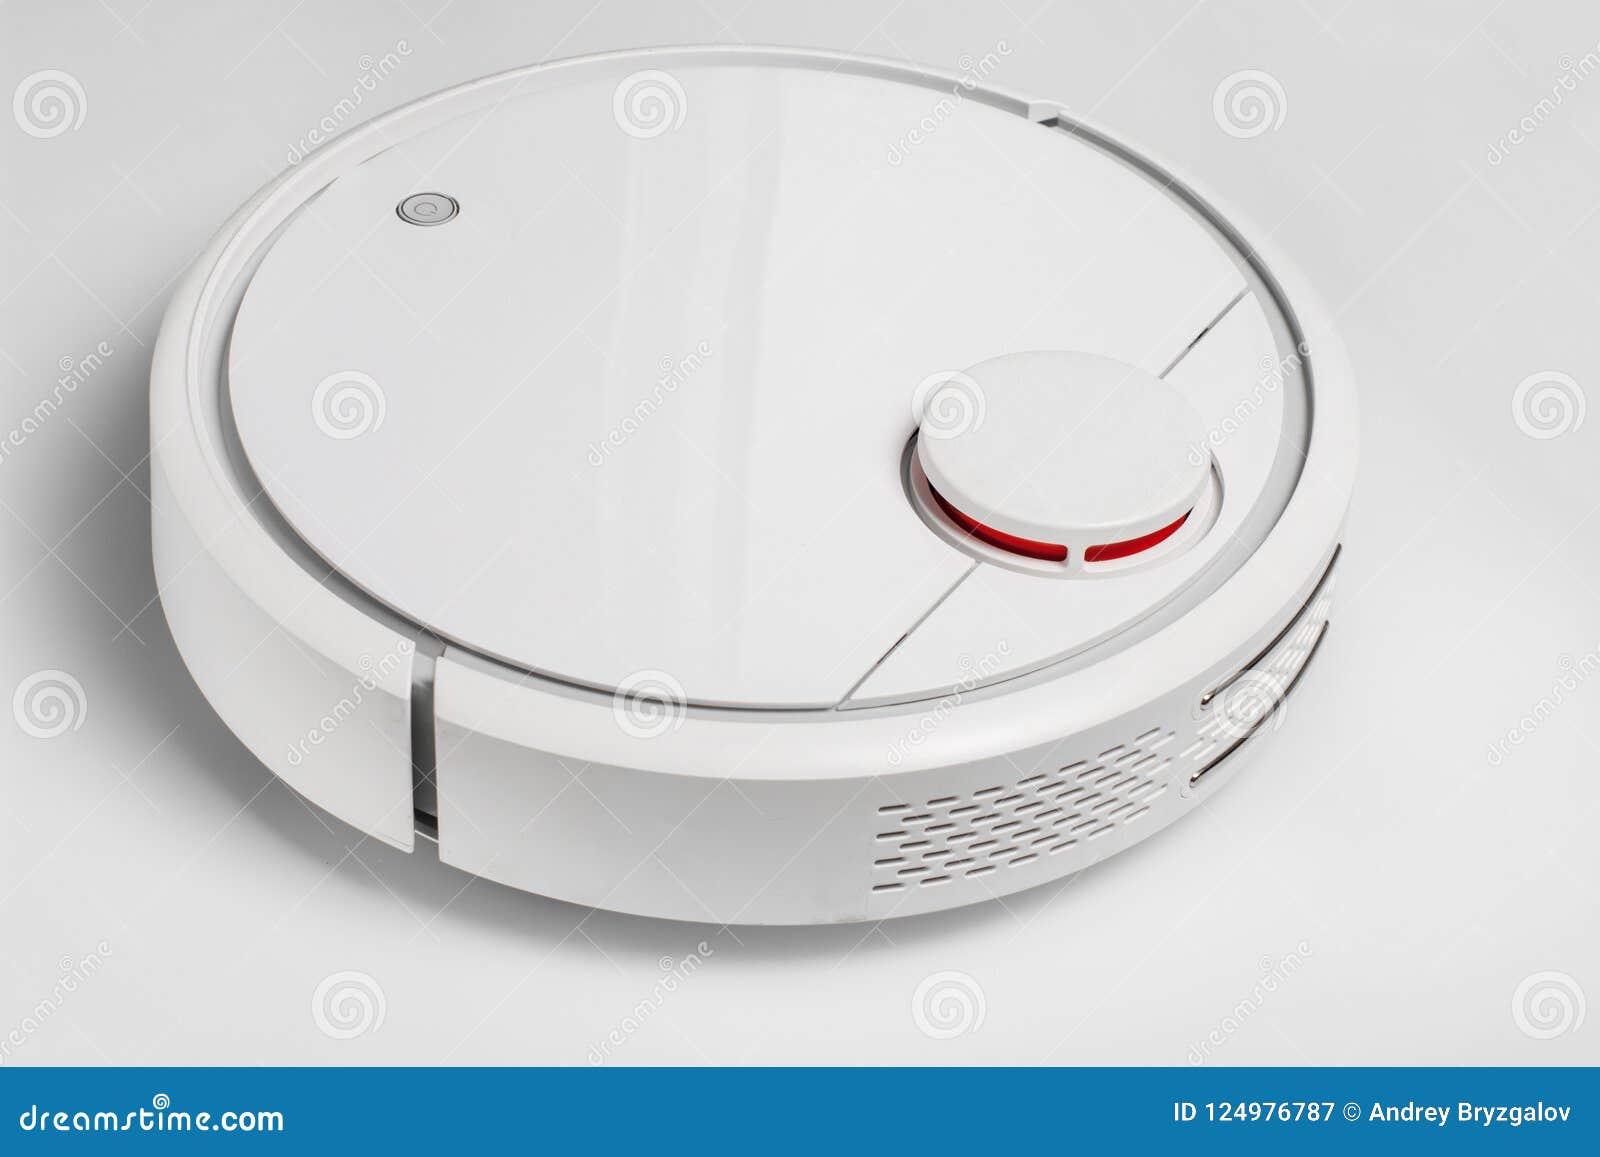 白色机器人吸尘器 机器人由直接清洁的声音命令控制 聪明的清洁现代技术